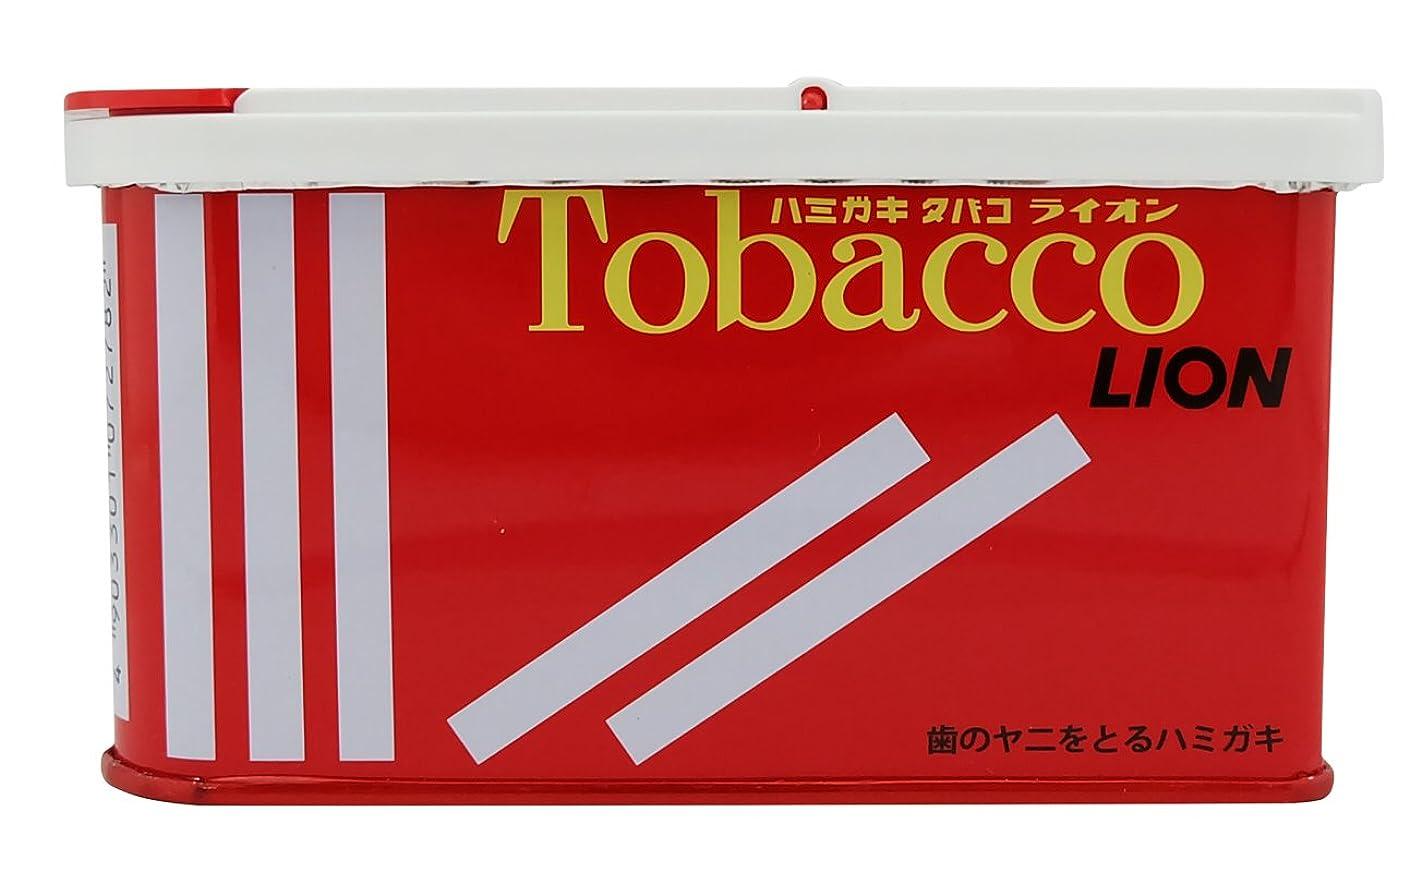 ゴミ屋内で赤外線ライオン タバコライオン 160g